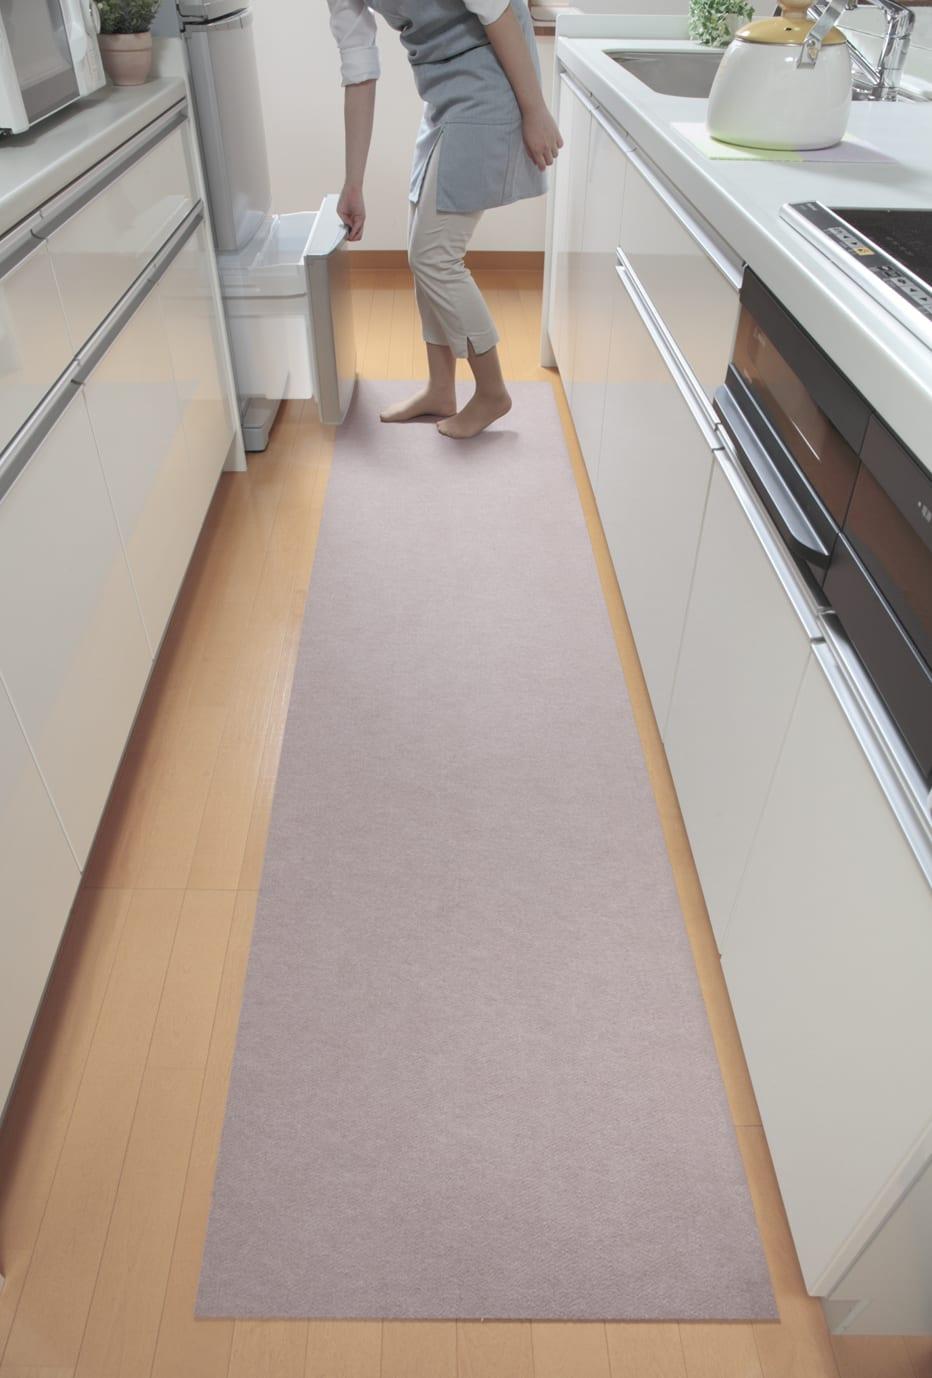 カテキン消臭&はっ水 おくだけ吸着ロングマット(1枚)(幅90cm) (ア)ベージュ(ライトベージュ) 廊下などに。